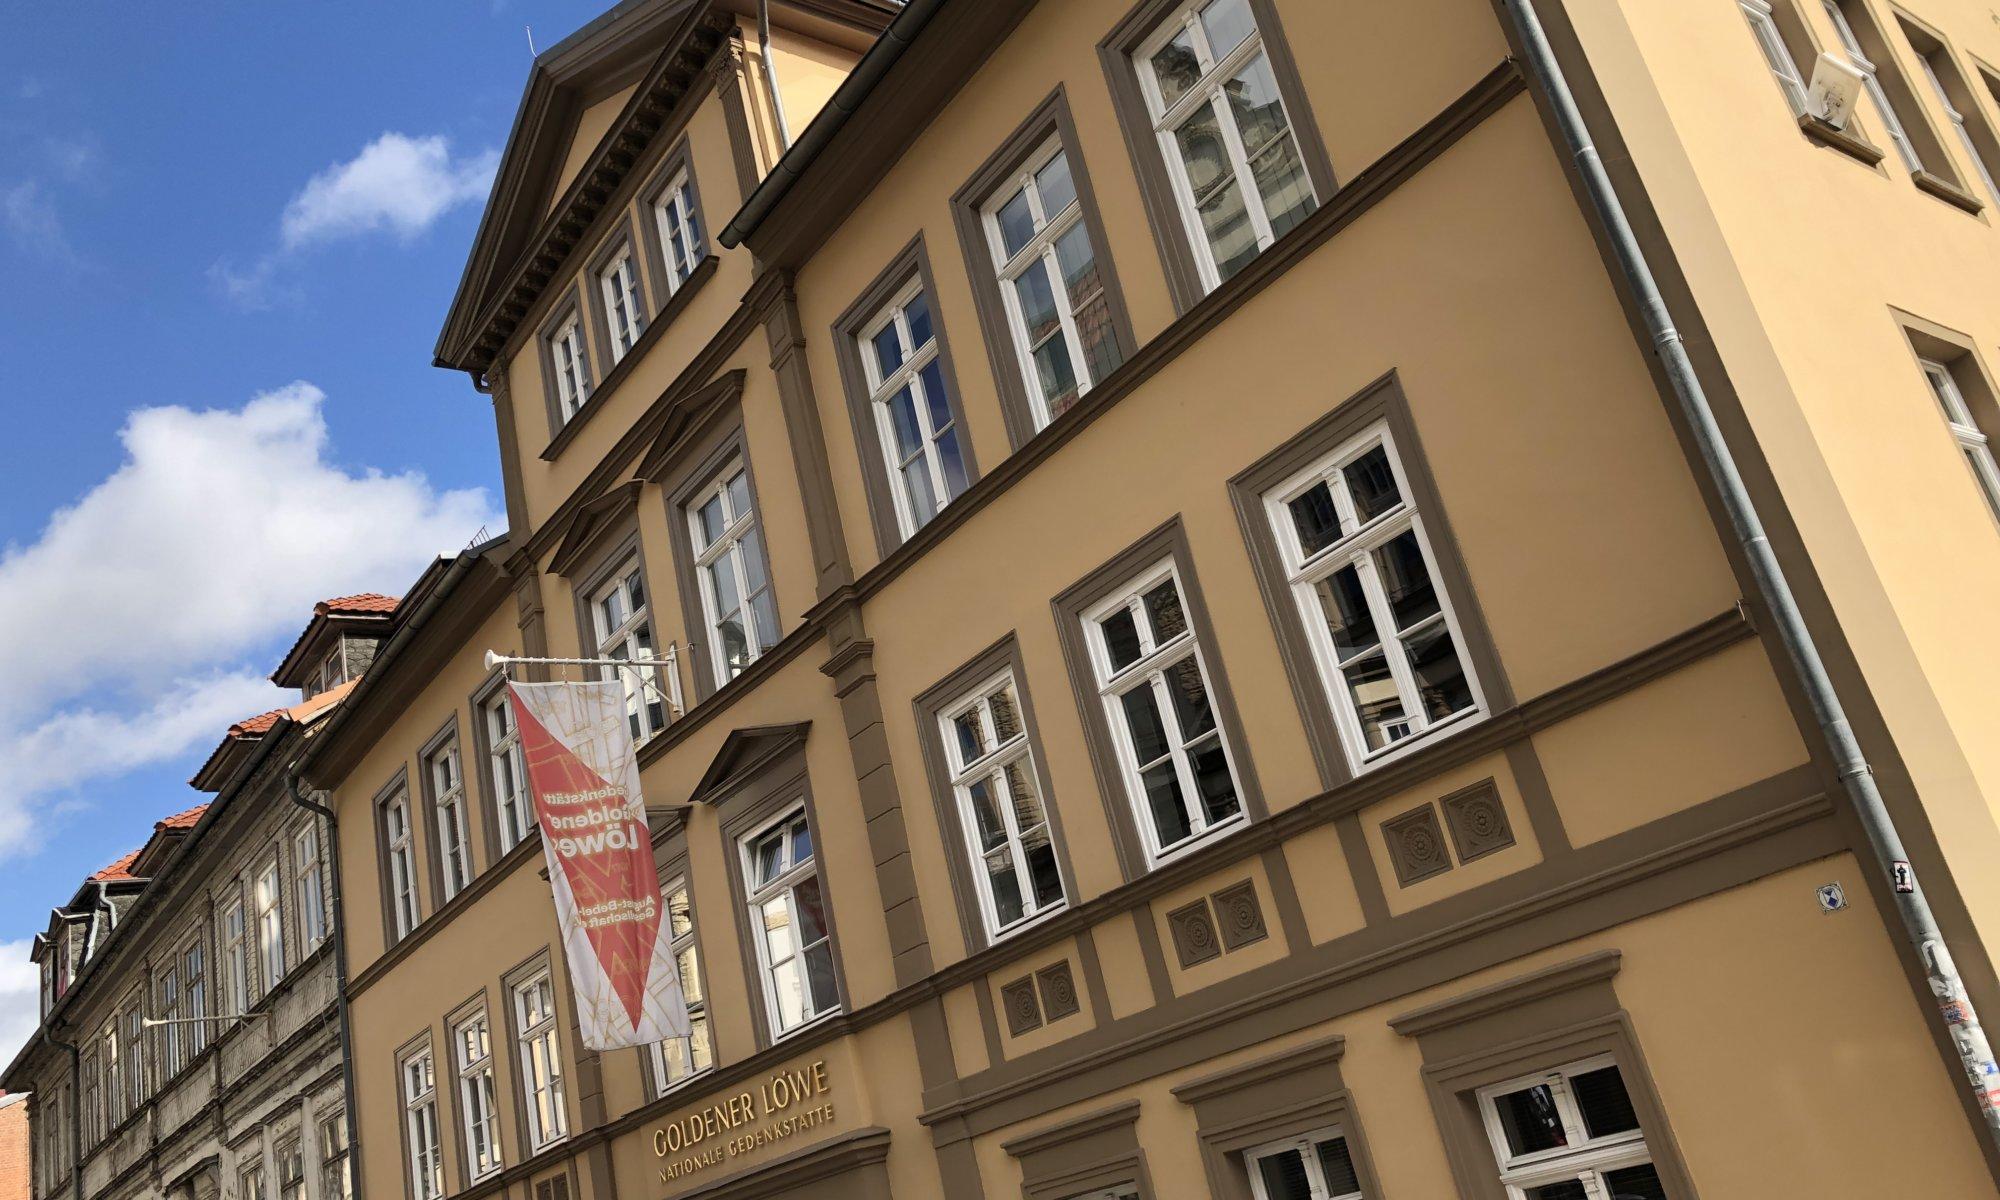 Goldener Löwe, Eisenach